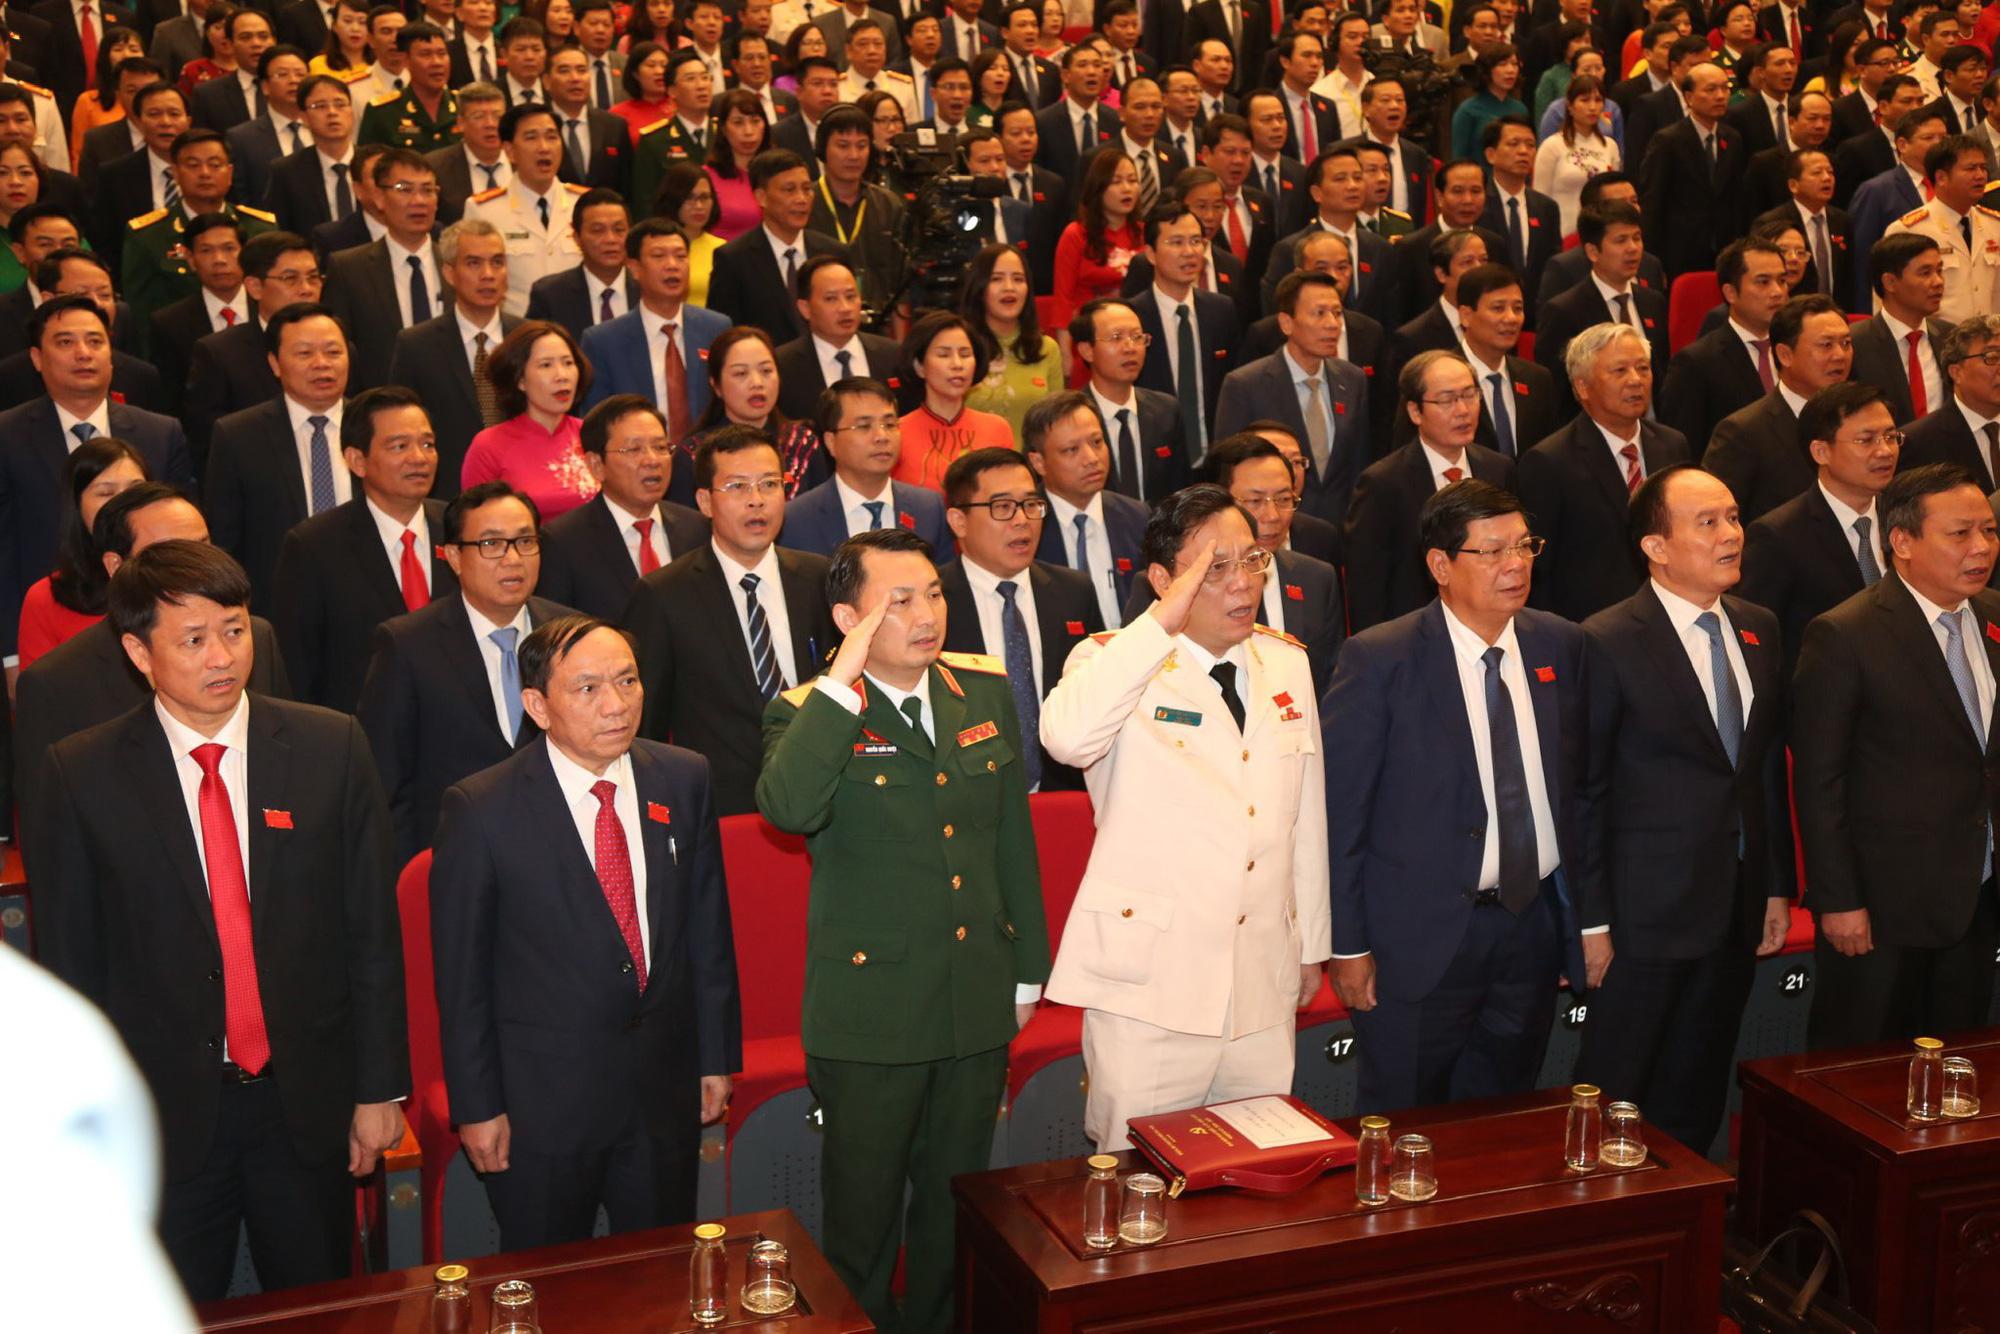 Tổng Bí thư, Chủ tịch Nước Nguyễn Phú Trọng sẽ dự và phát biểu chỉ đạo tại Đại hội Đảng bộ Hà Nội - Ảnh 4.